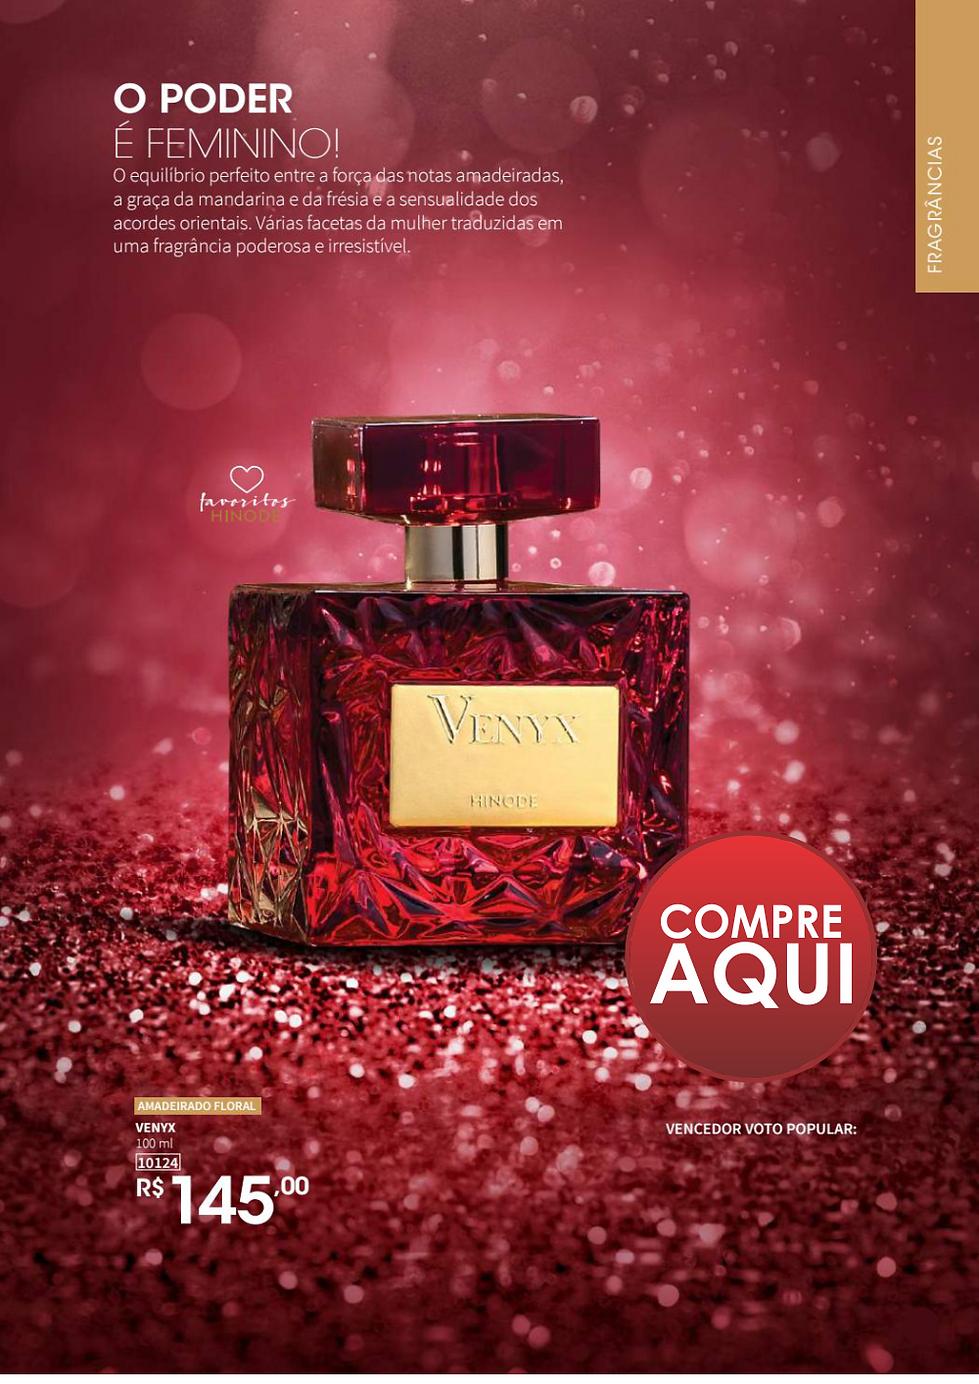 perfumaria20.png